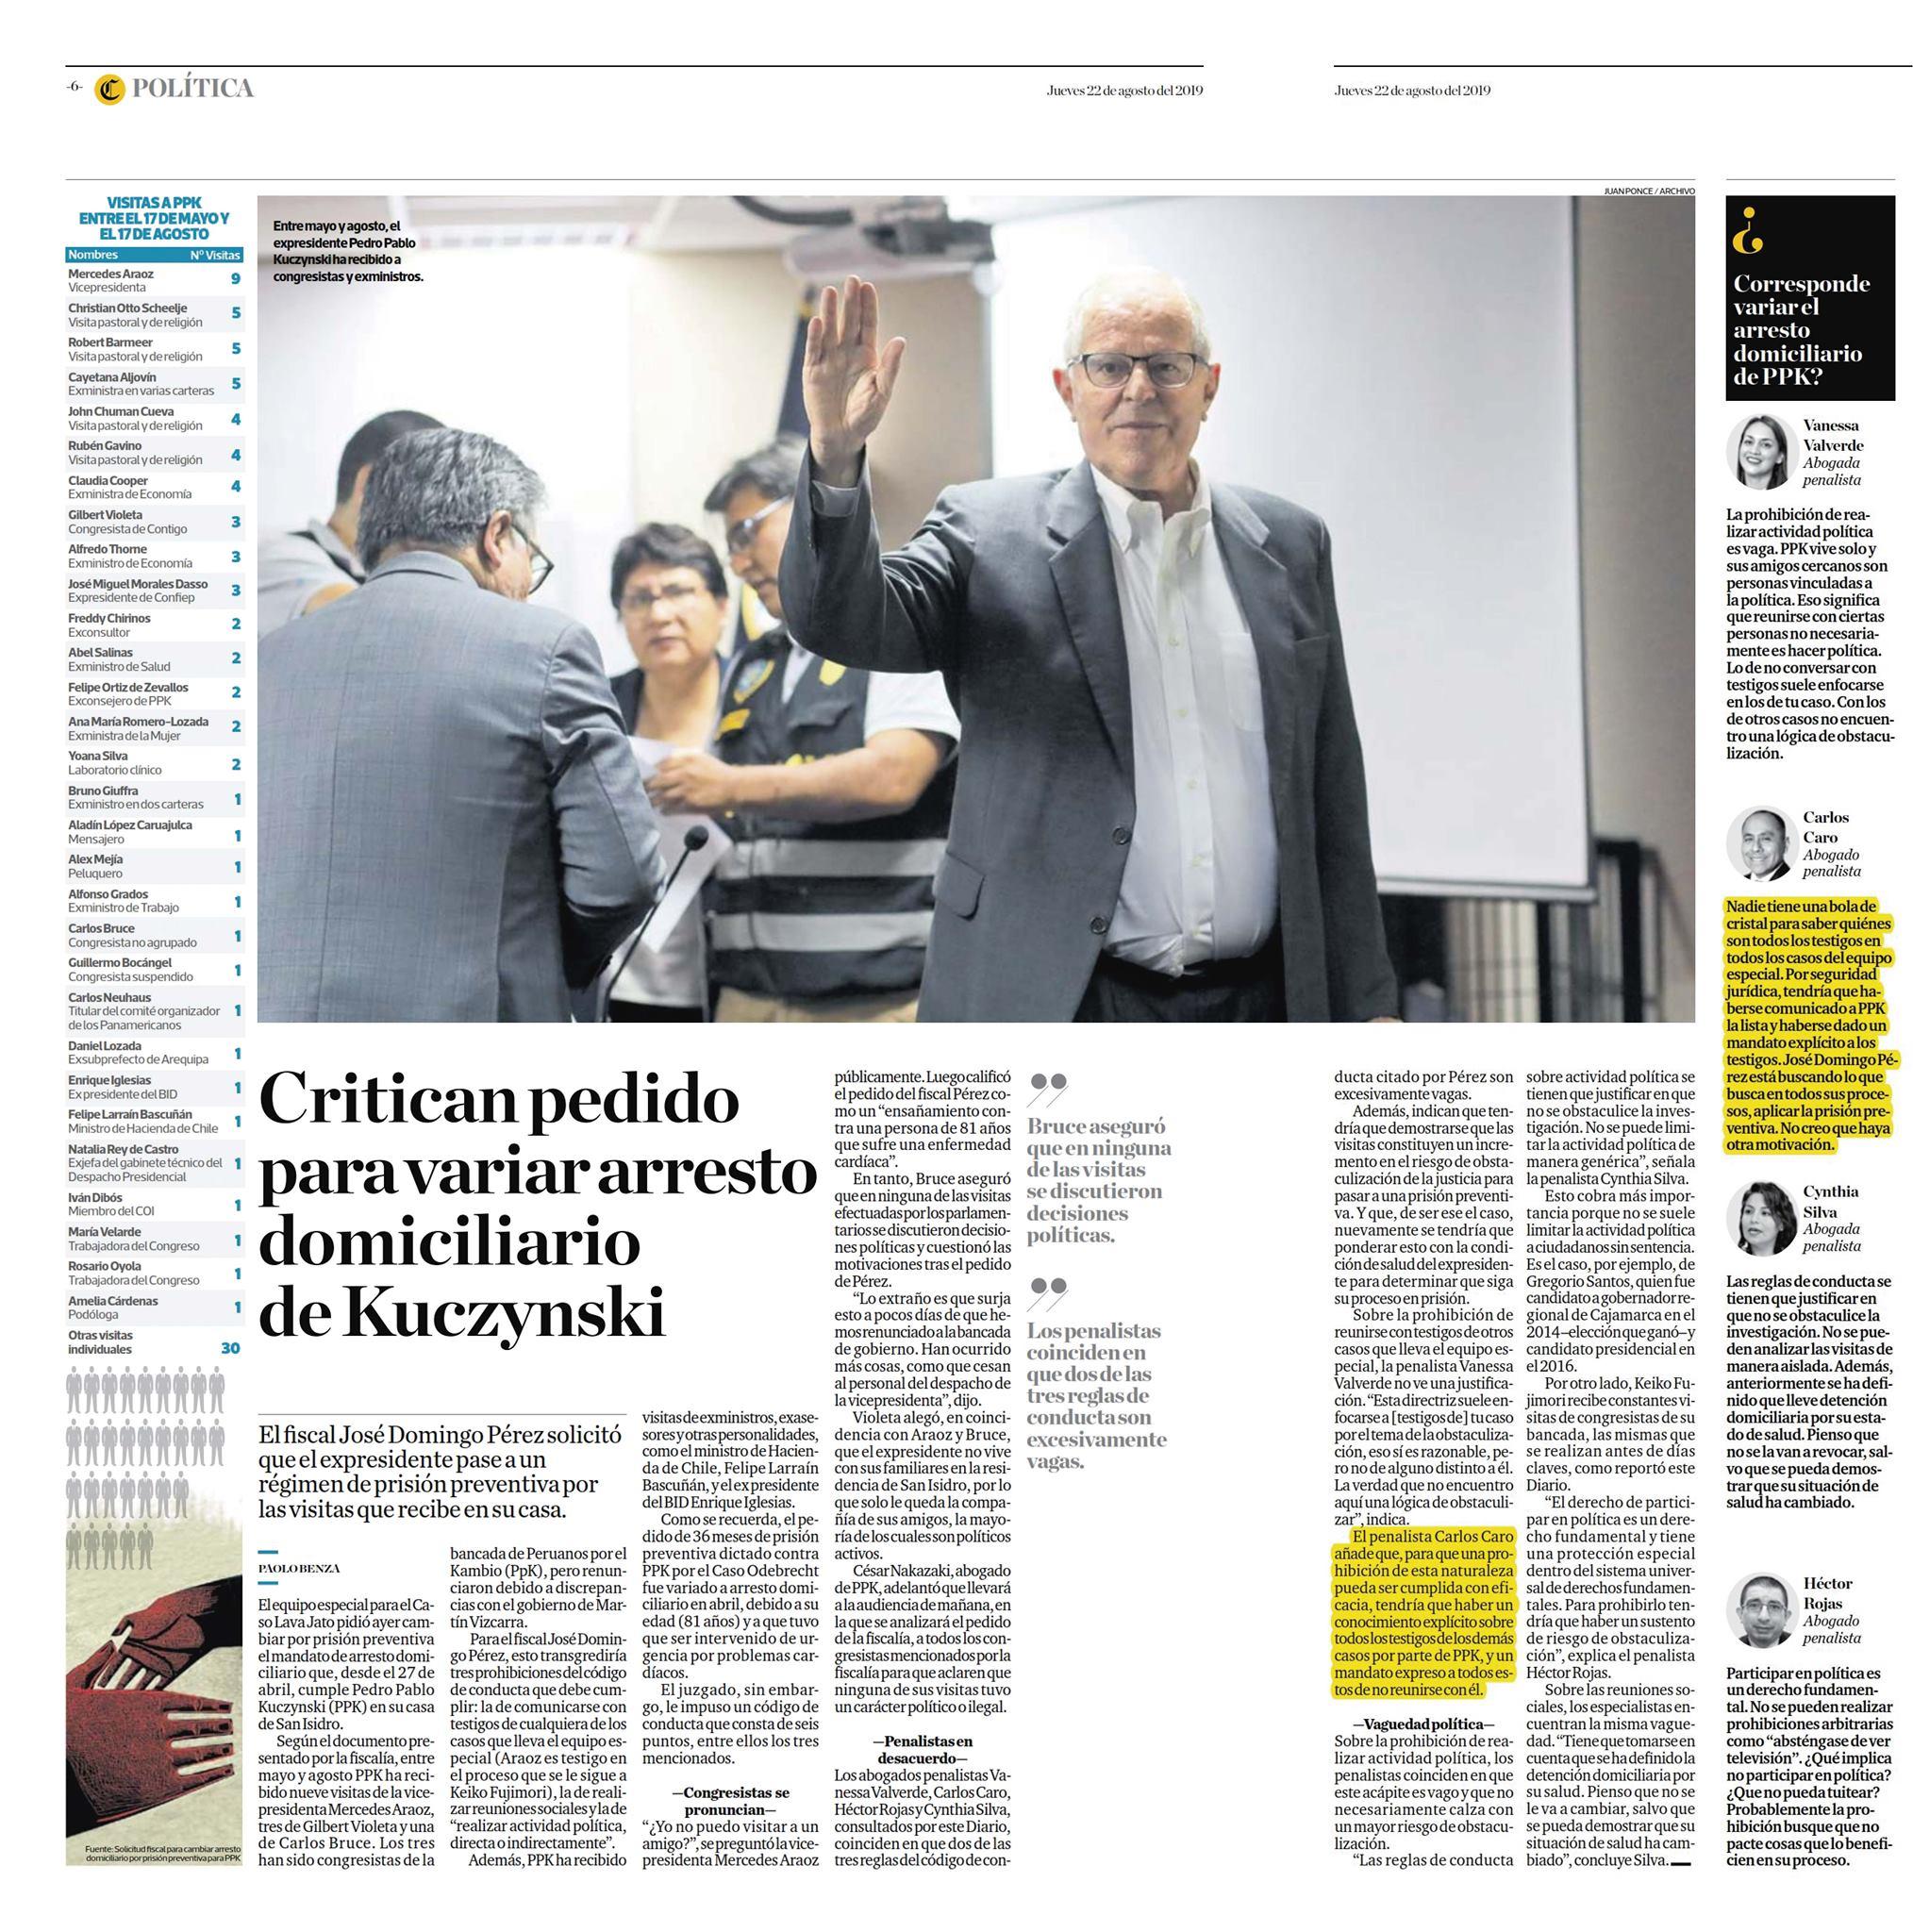 Posibilidad de que se dicte la prisión preventiva contra el ex presidente Pedro Pablo Kuczynski, por haber recibido visitas de testigos de los casos que lleva el equipo especial Lava Jato.